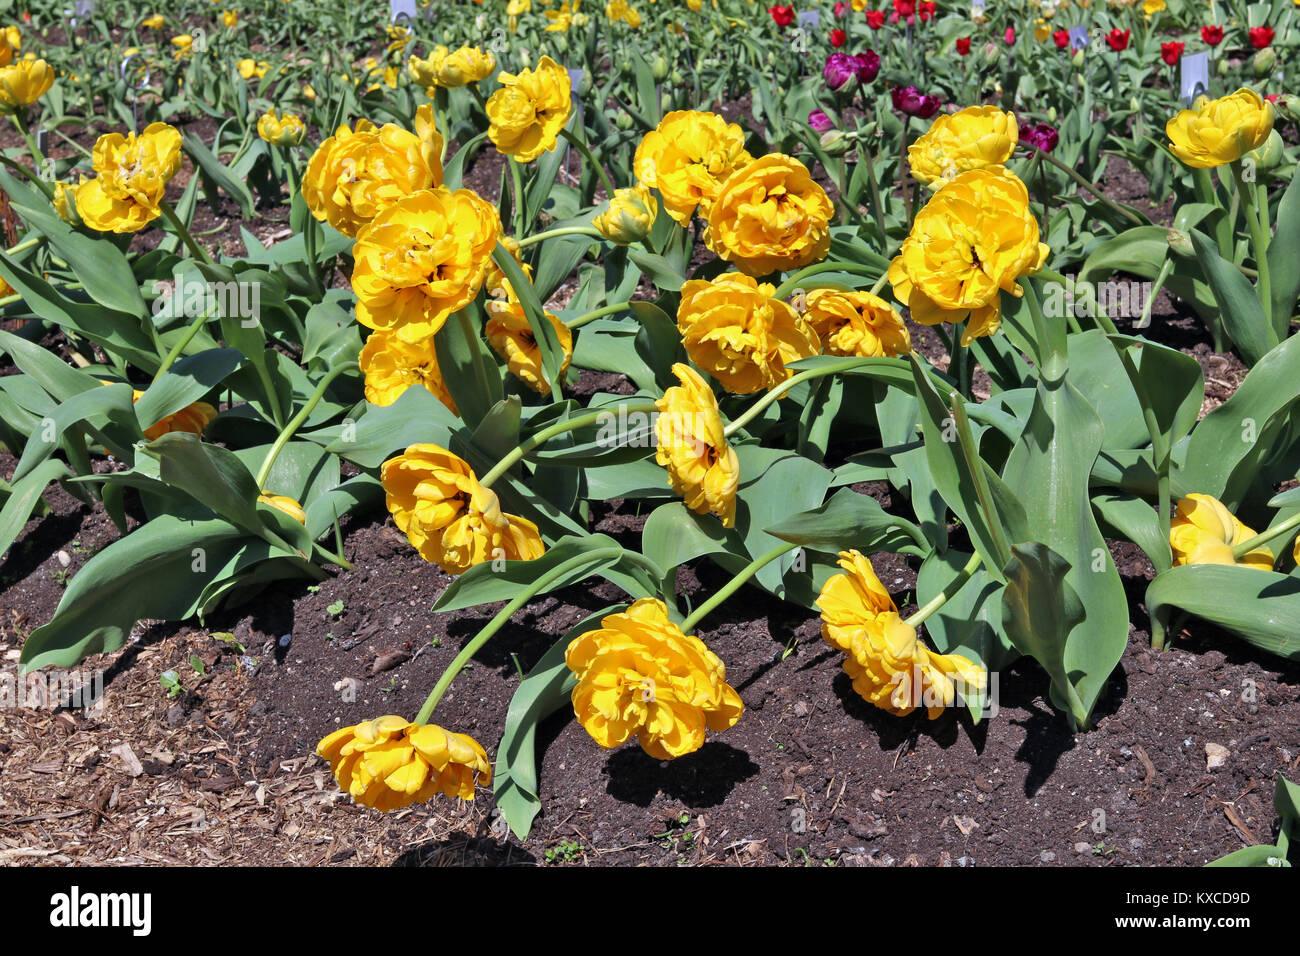 Fiori Gialli Maggio.Giallo Terry Tulipani Olandesi Blossom Su Un Fiore Di Primavera